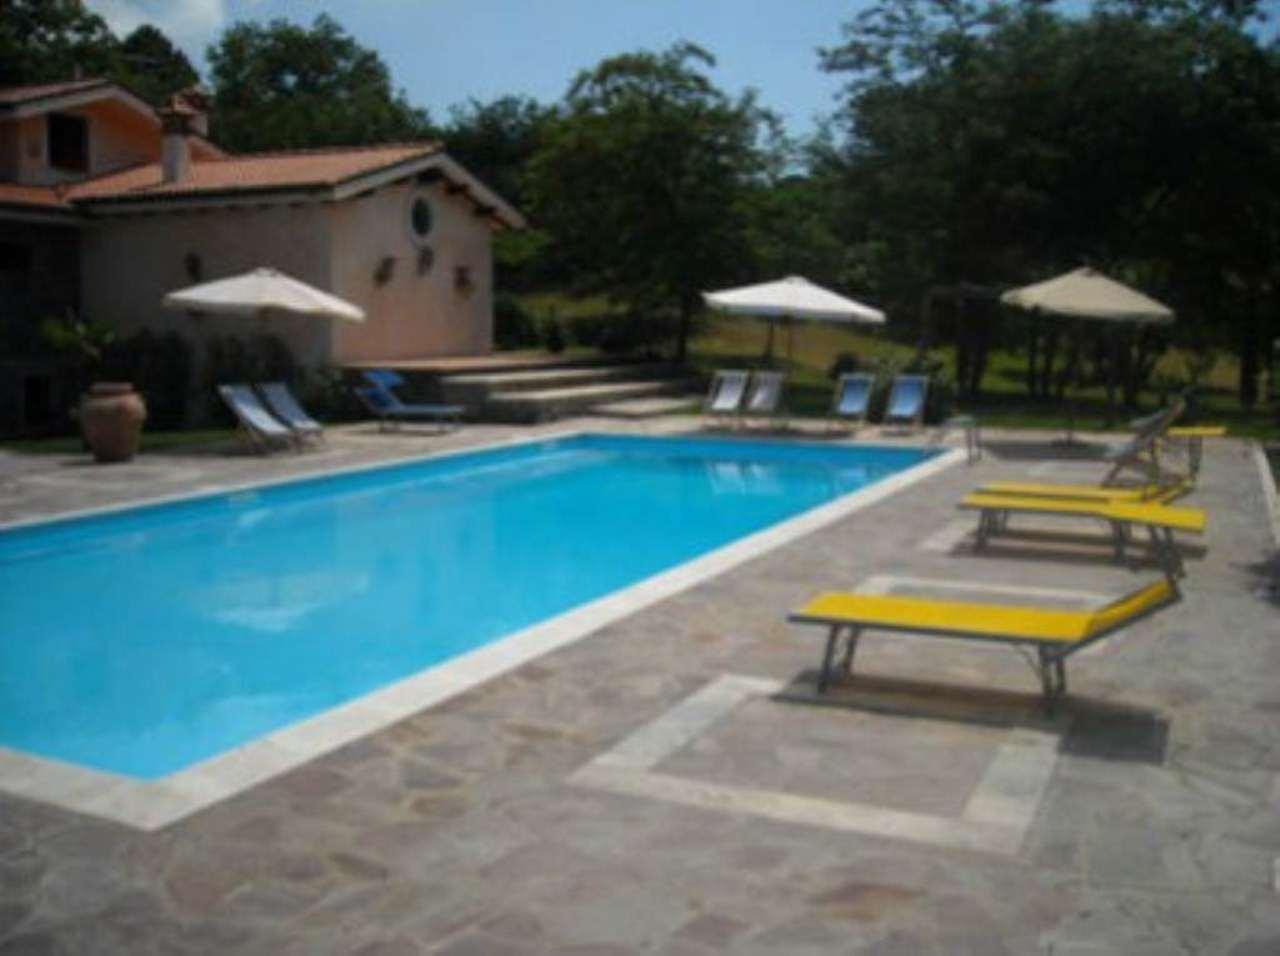 Immobile Commerciale in affitto a Grottaferrata, 9999 locali, prezzo € 6.800 | Cambio Casa.it